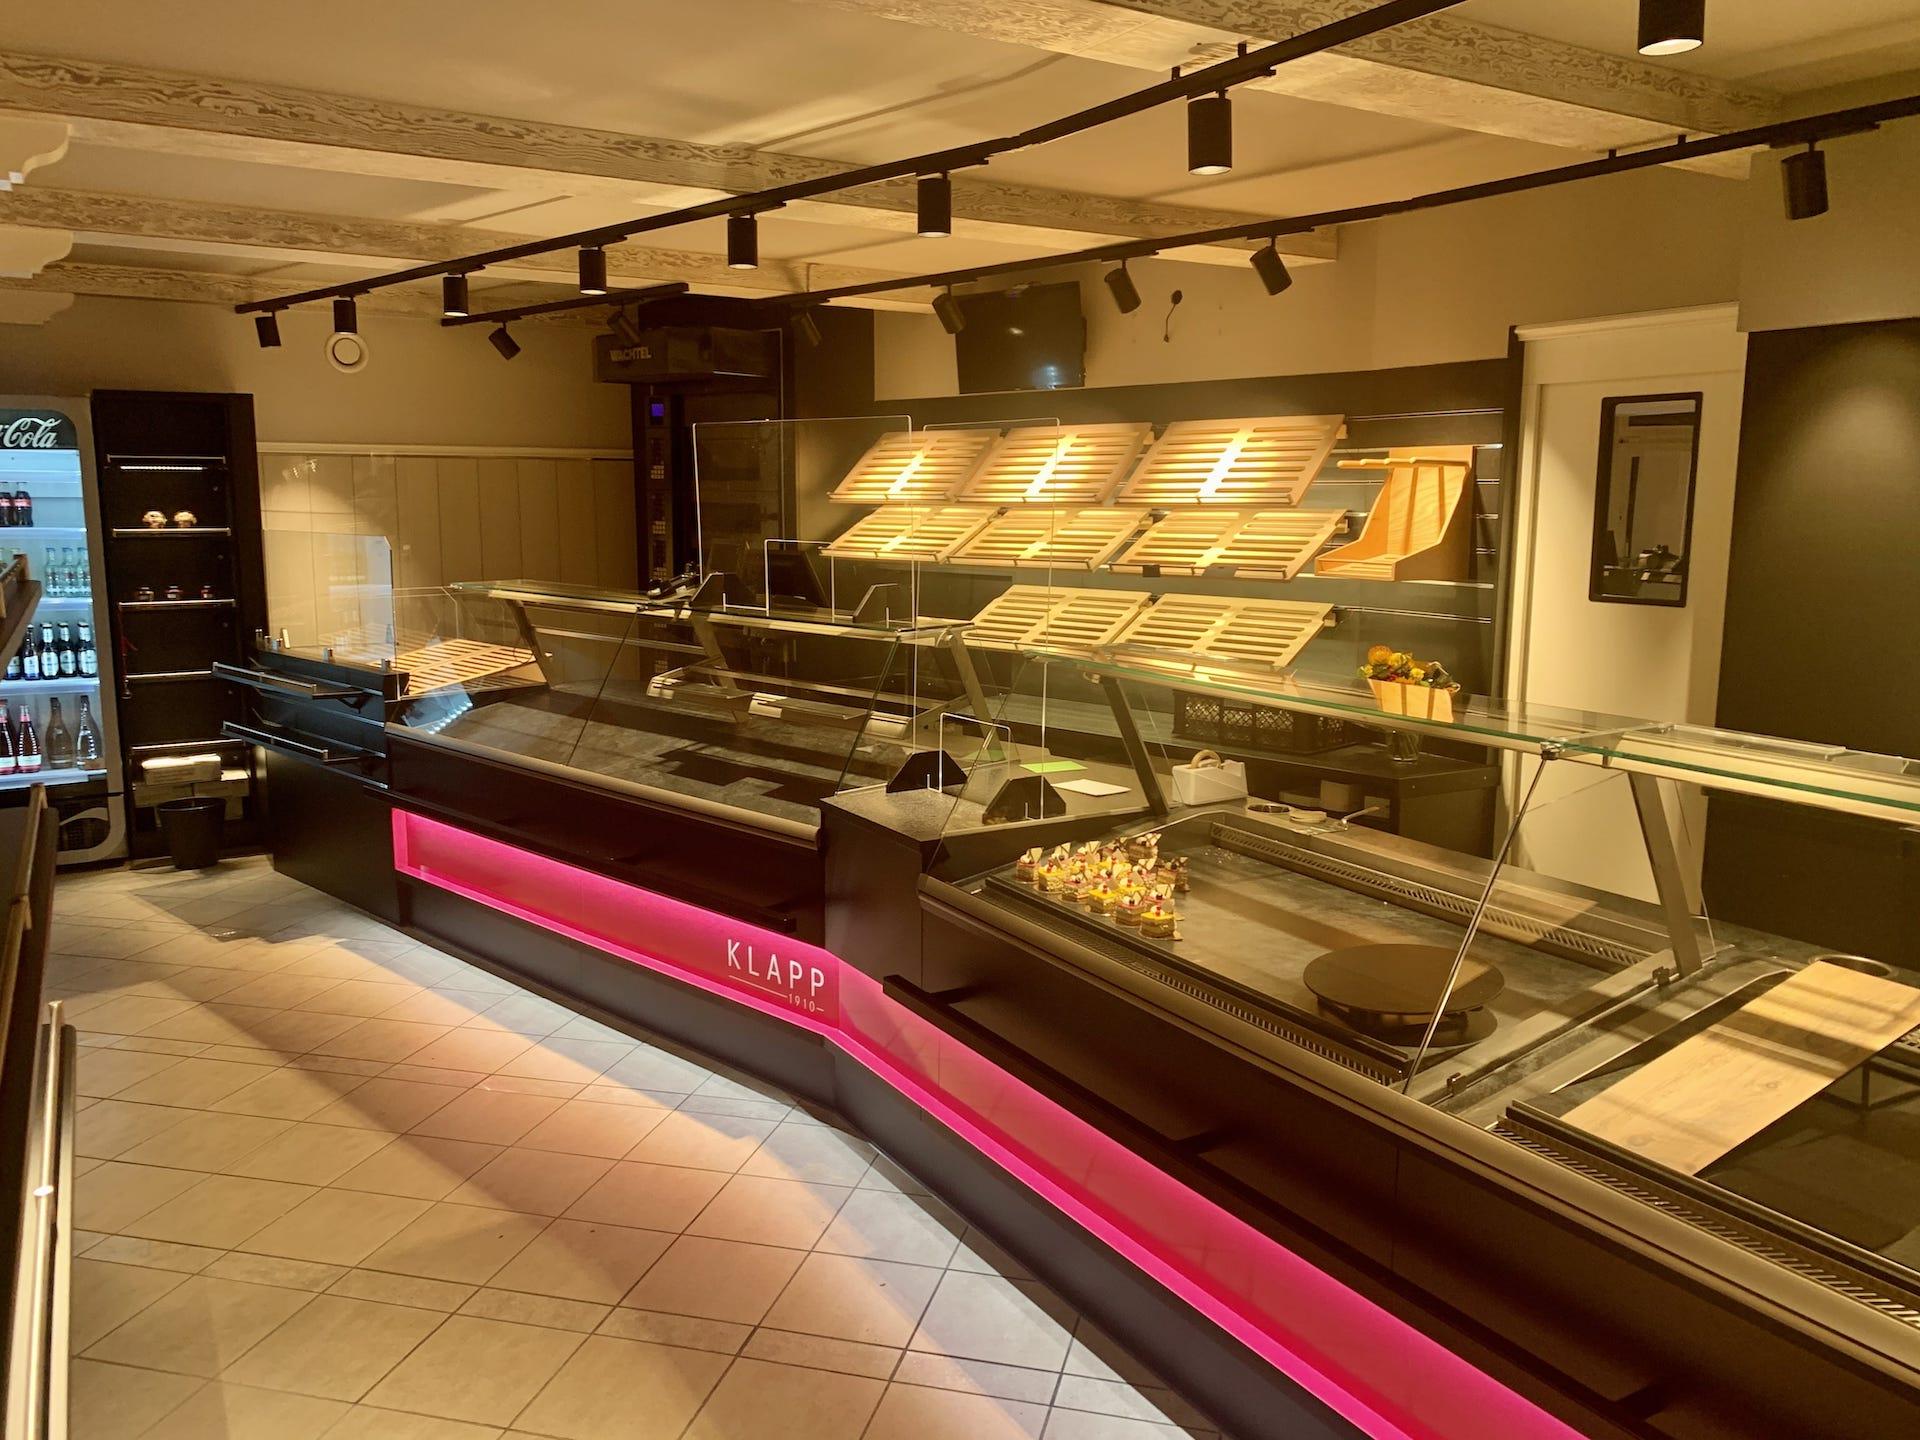 Klapp1910 Umbau 00012 - KLAPP1910 Stammhaus im neuen Design wiedereröffnet